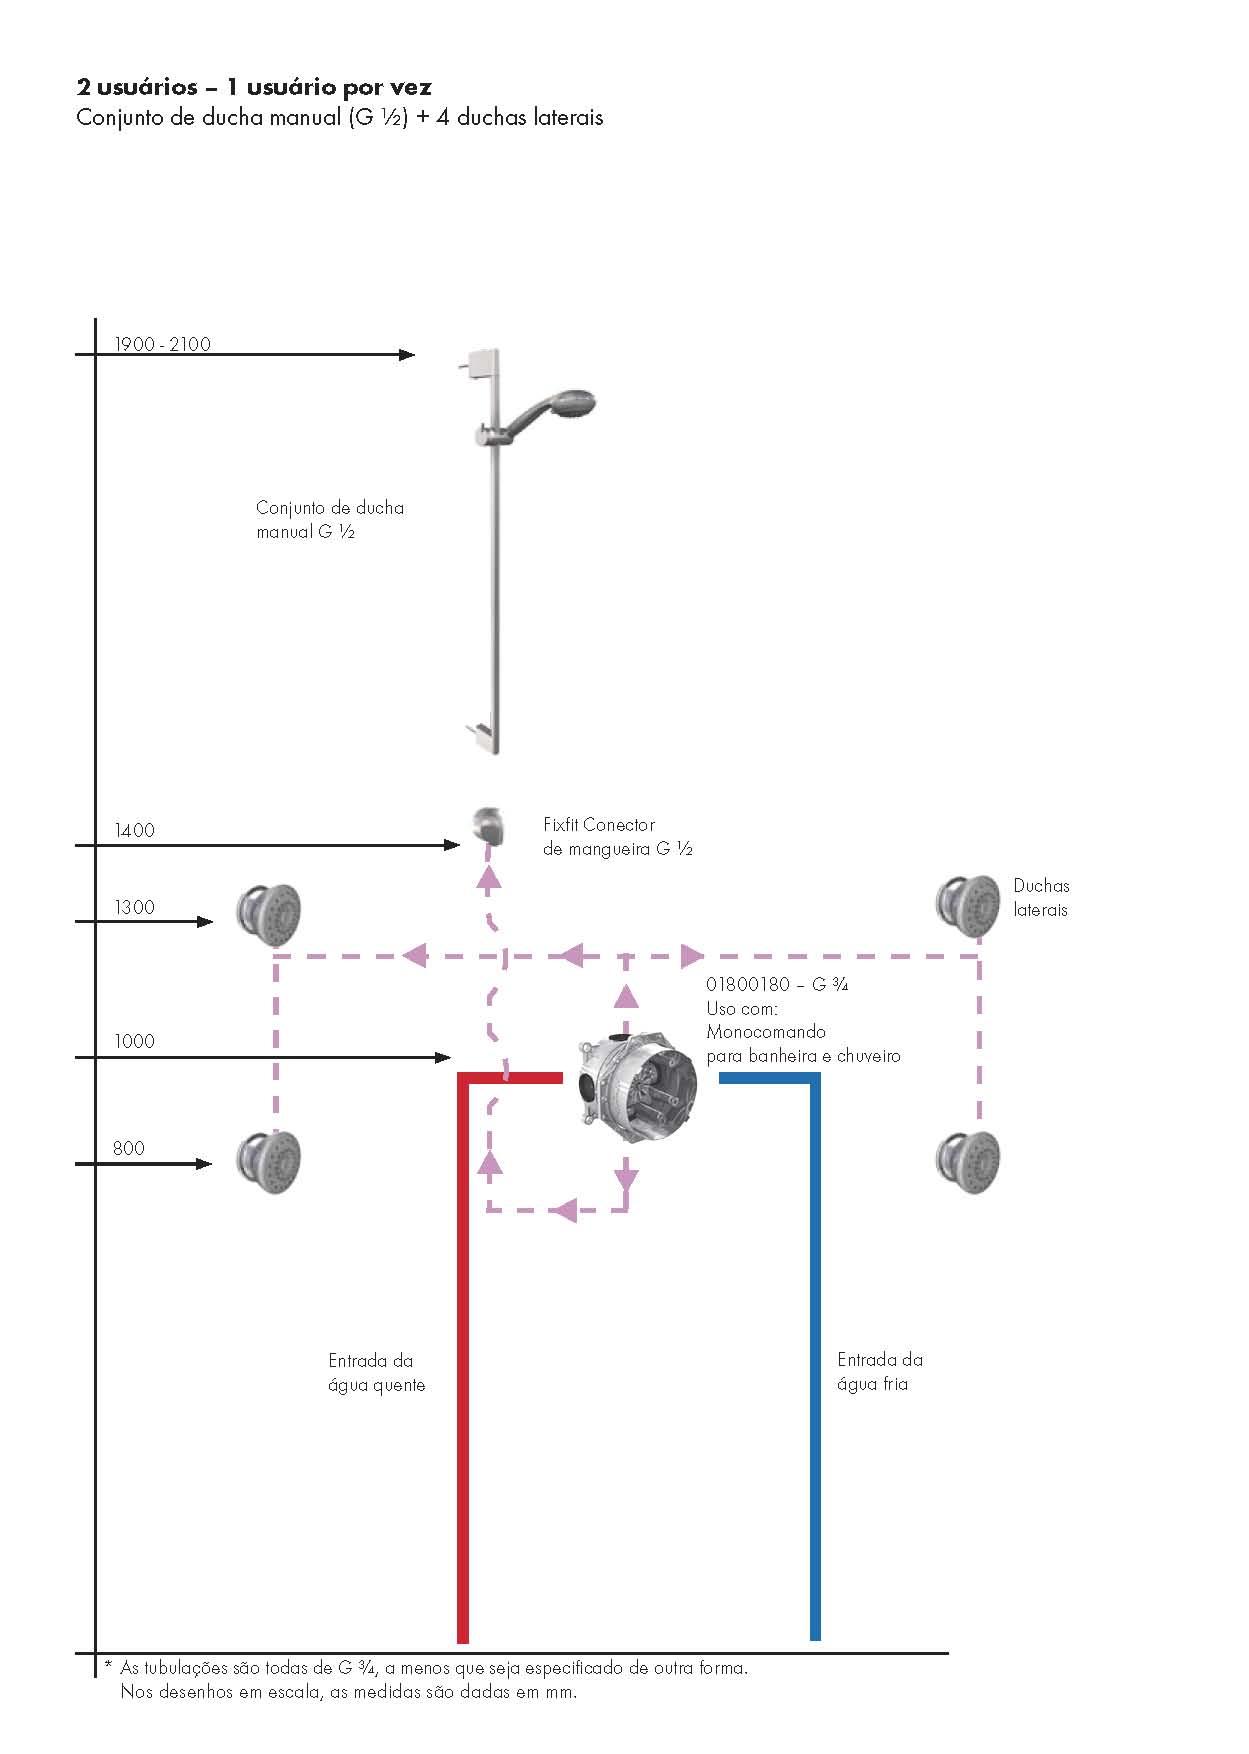 Sistemas de chuveiro exemplos de instalação Hansgrohe Brasil #236BA8 1249x1754 Banheiro Acessibilidade Bloco Cad